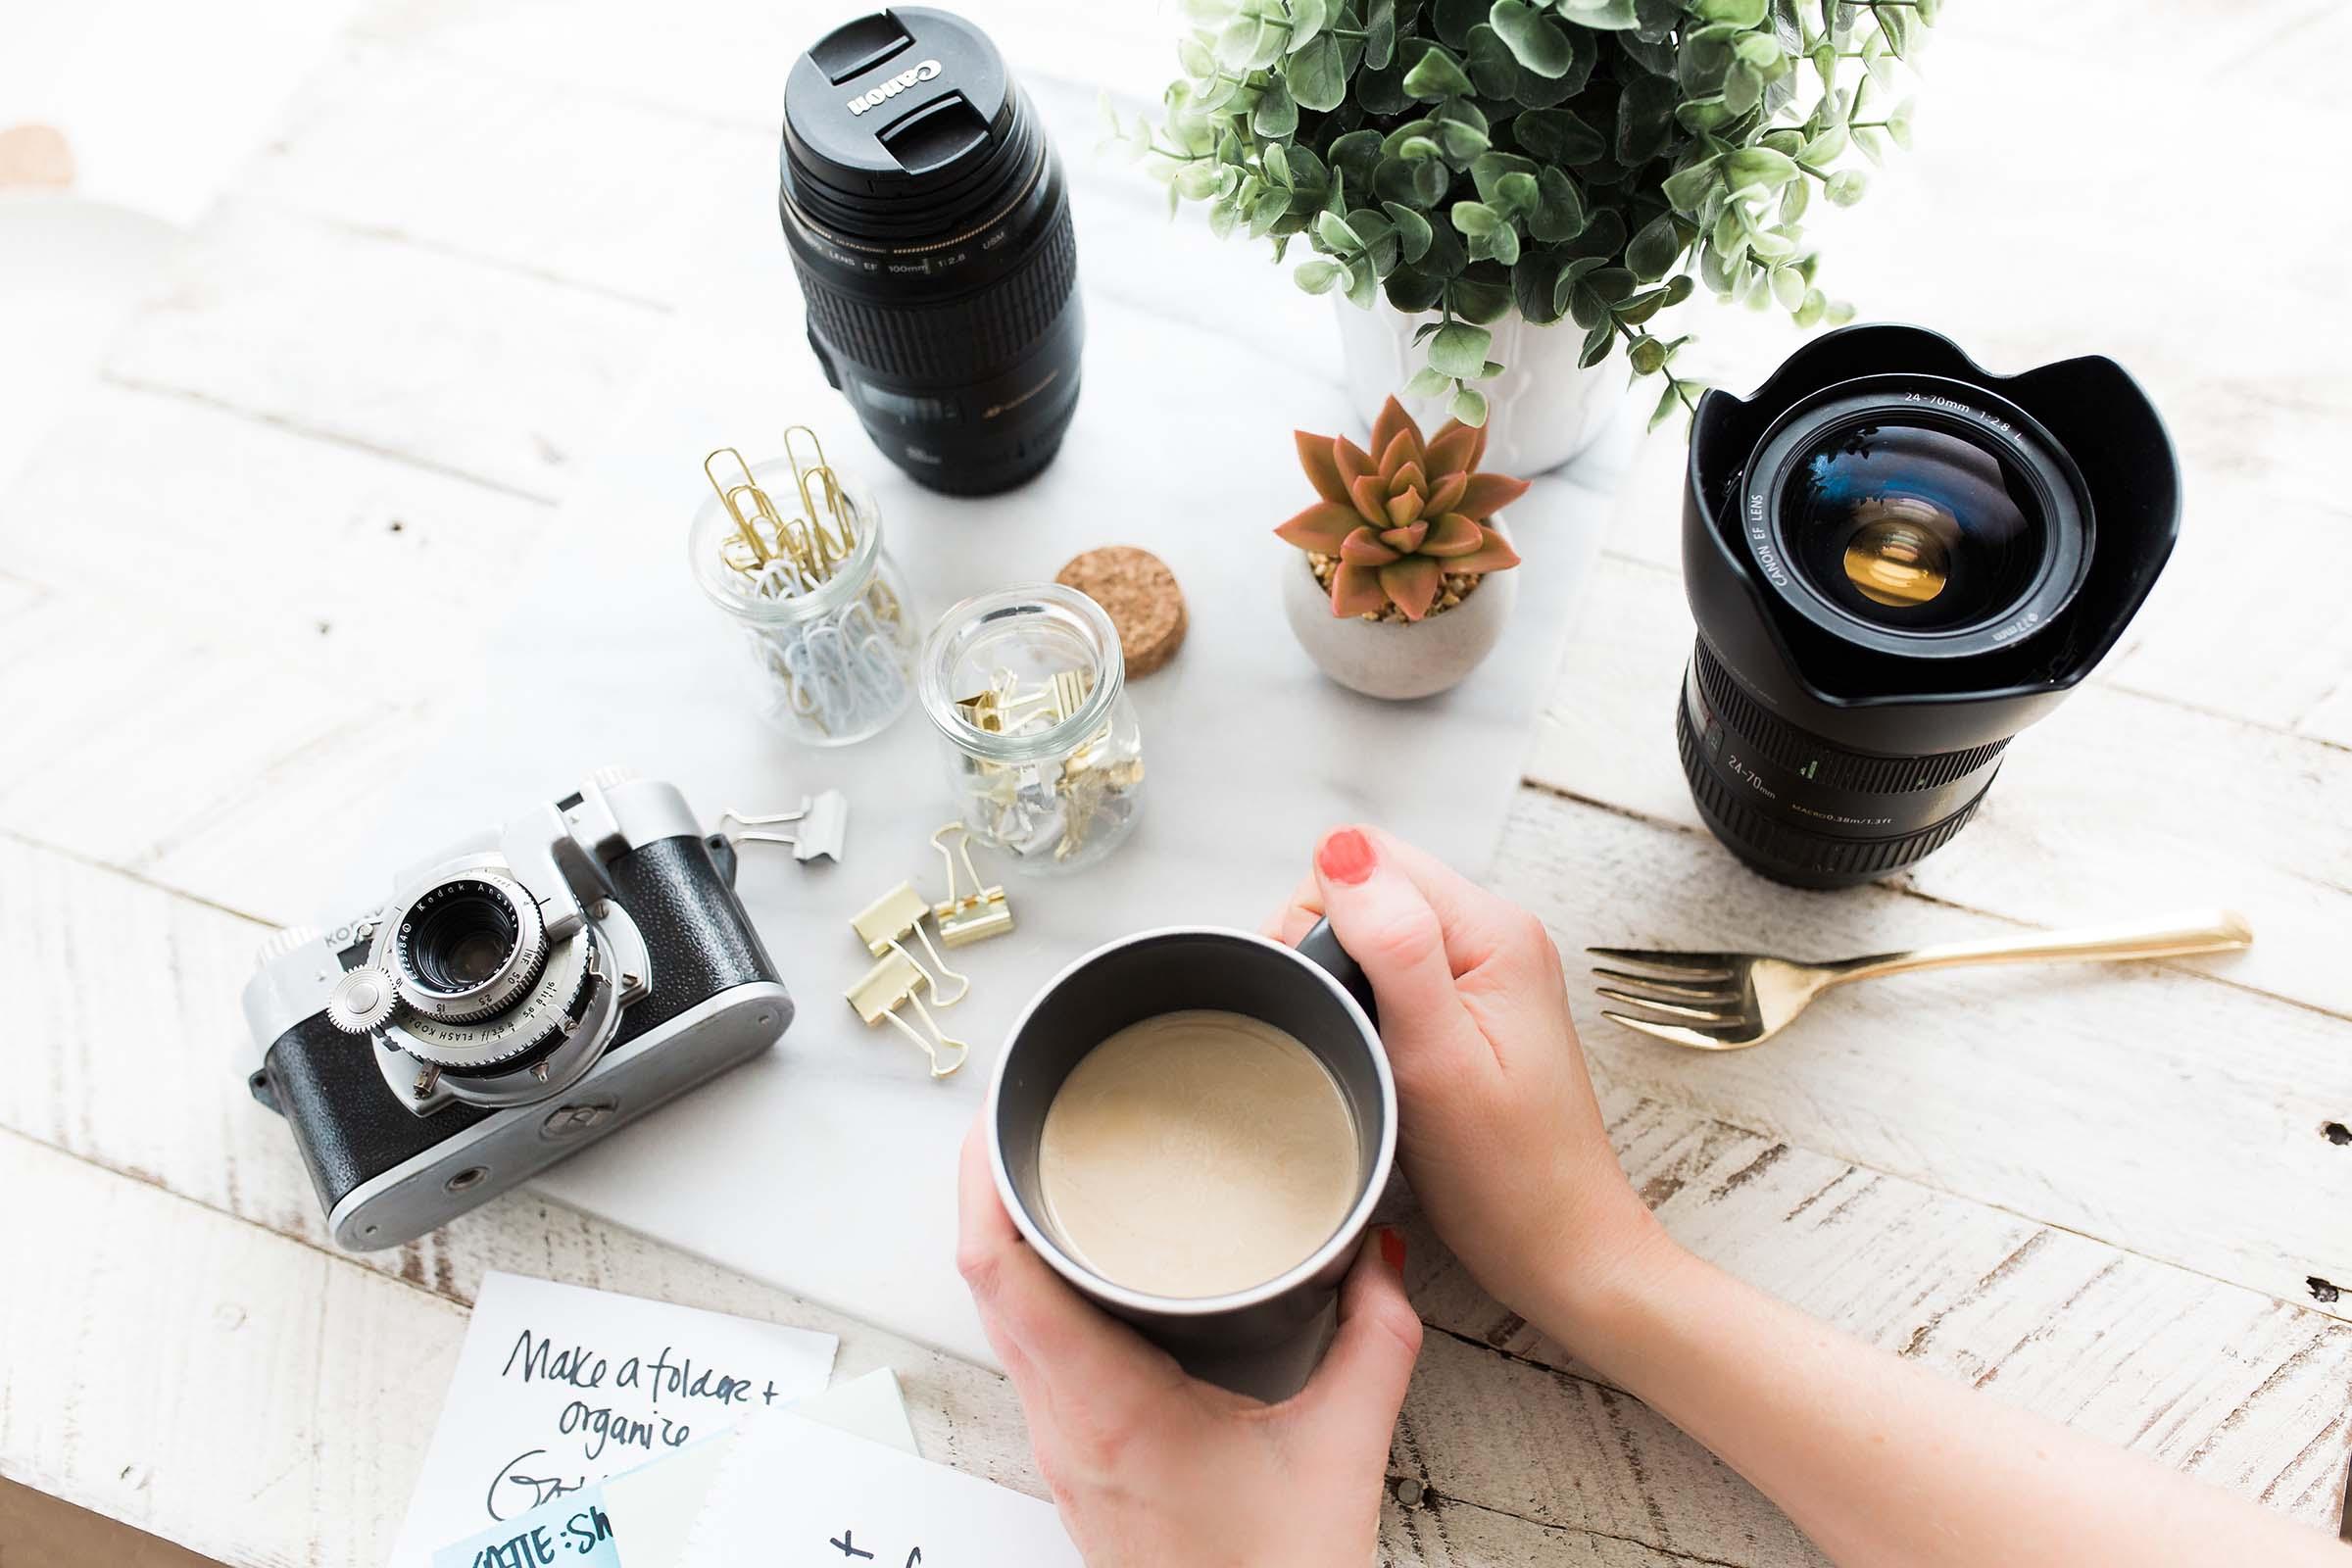 Matériel photo et tasse de café